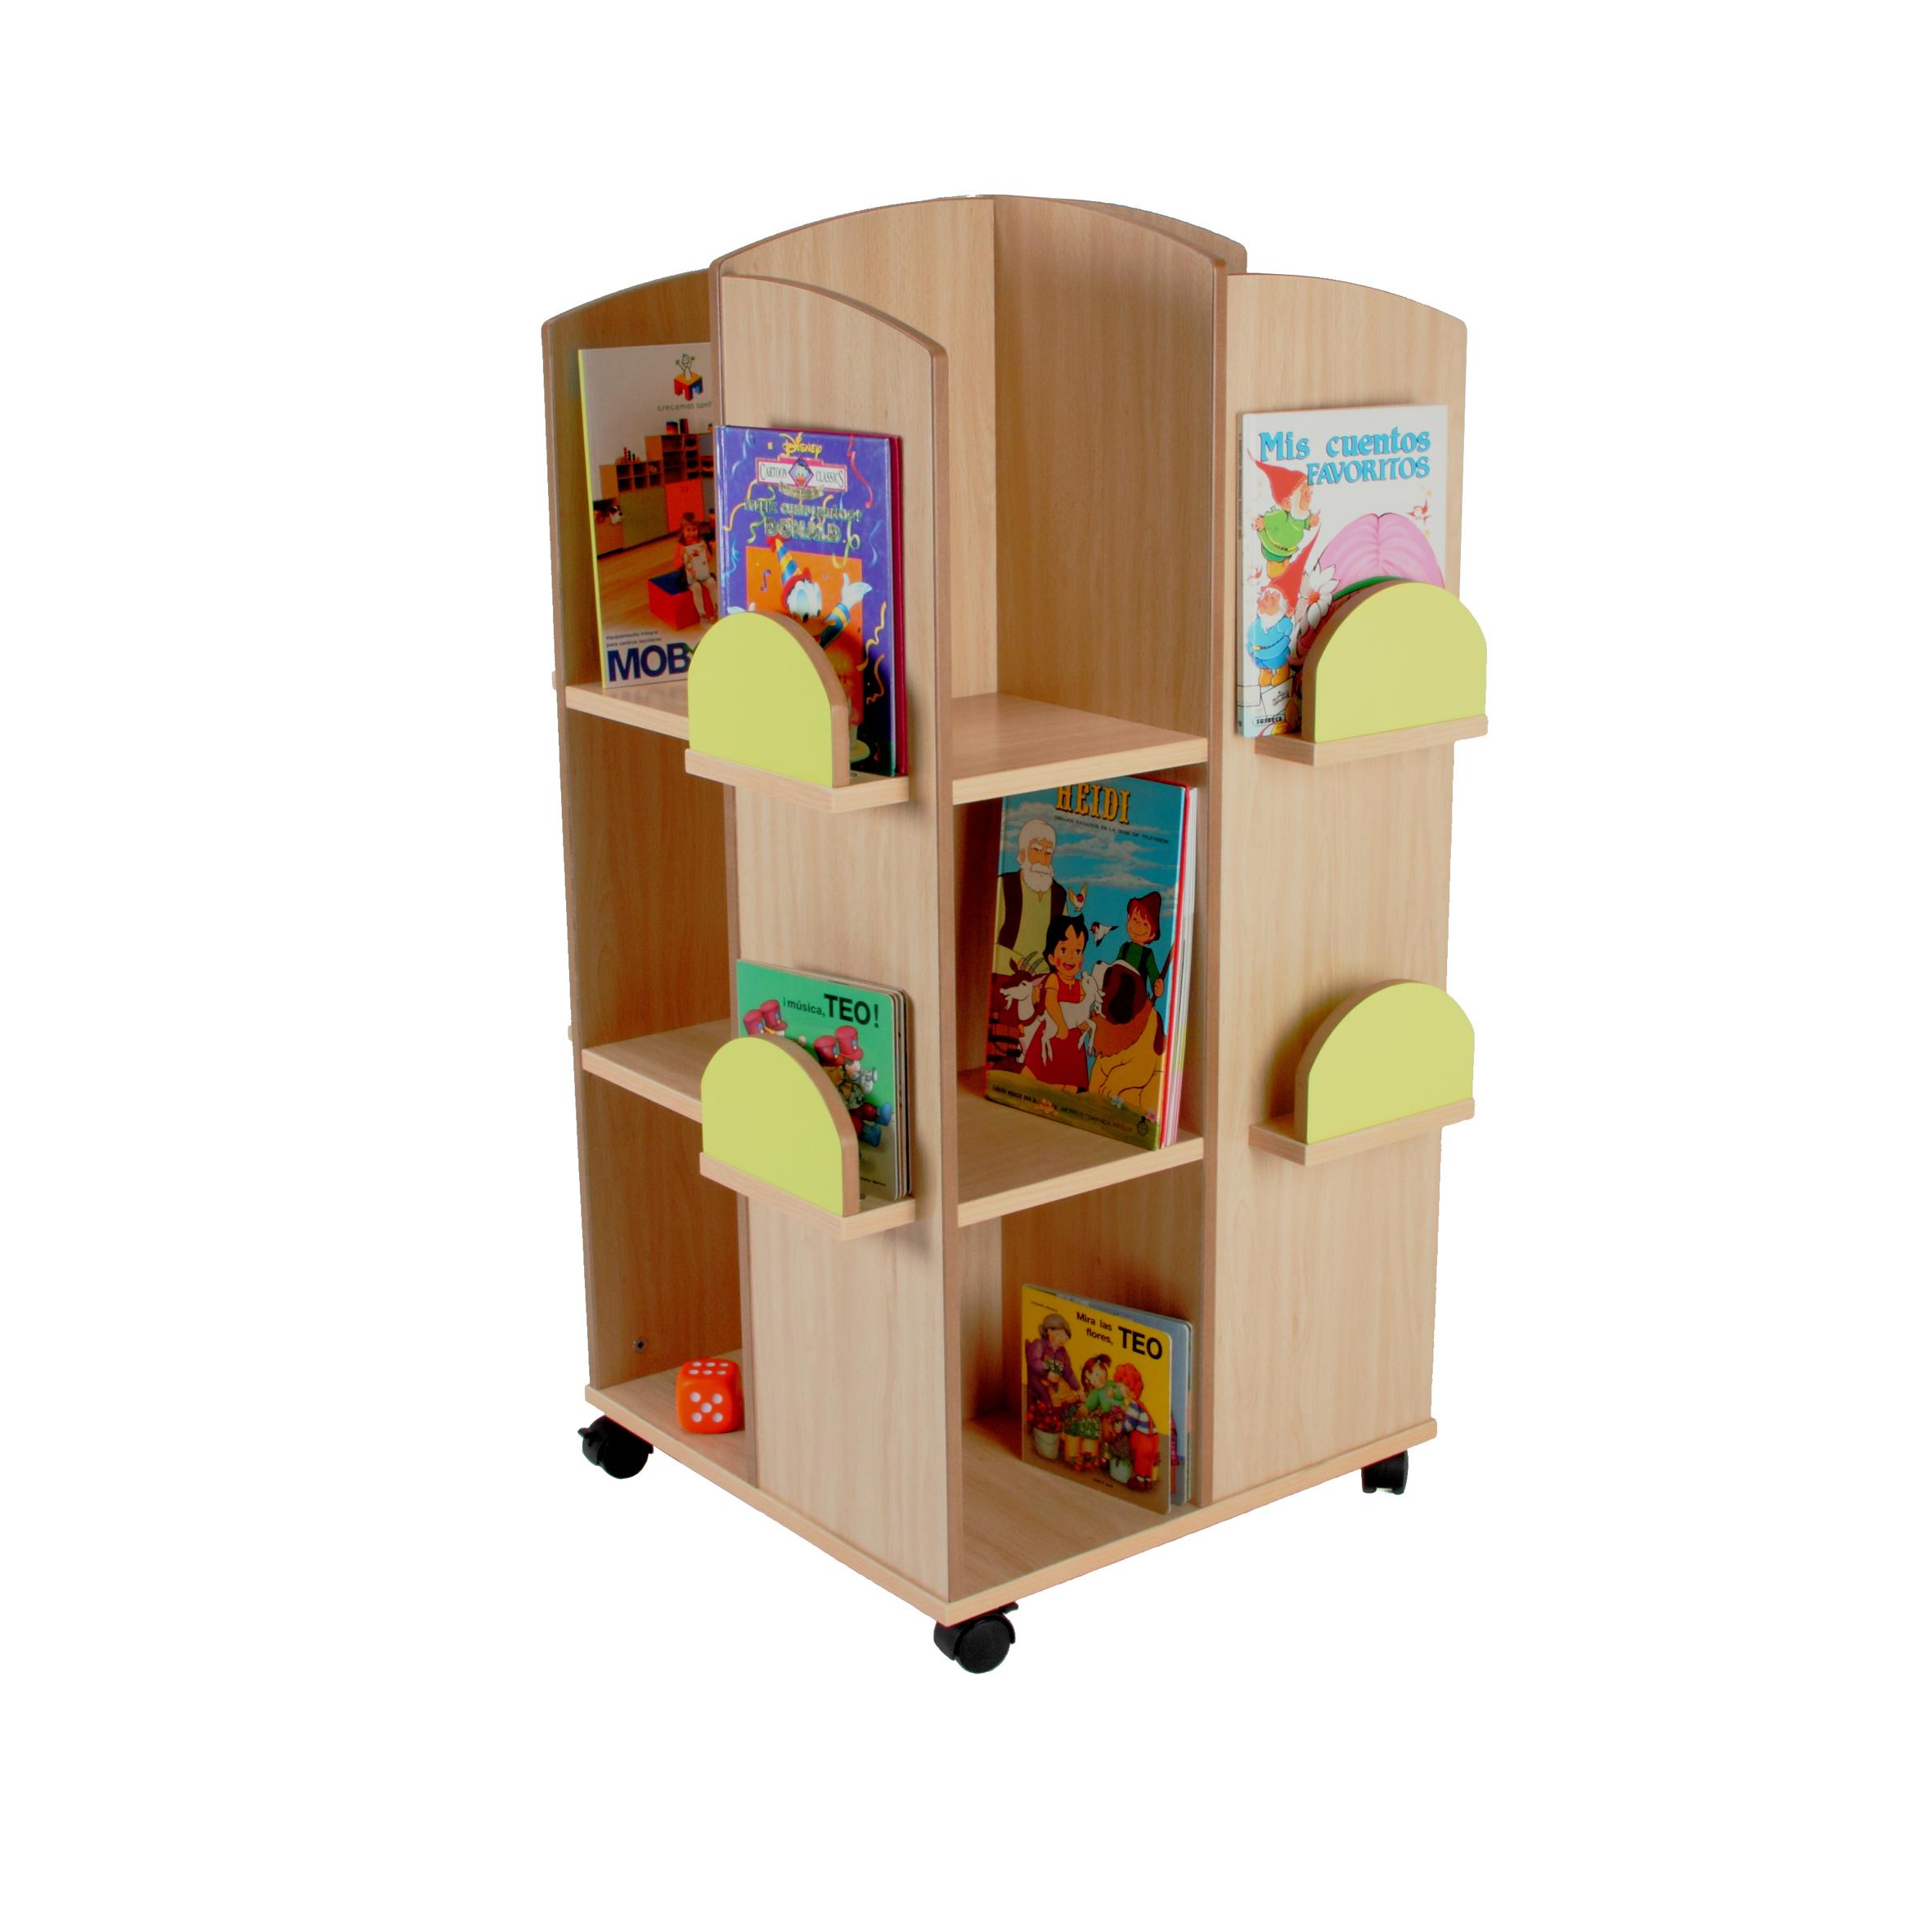 602101 torre expositor de libros mobiliario escolar